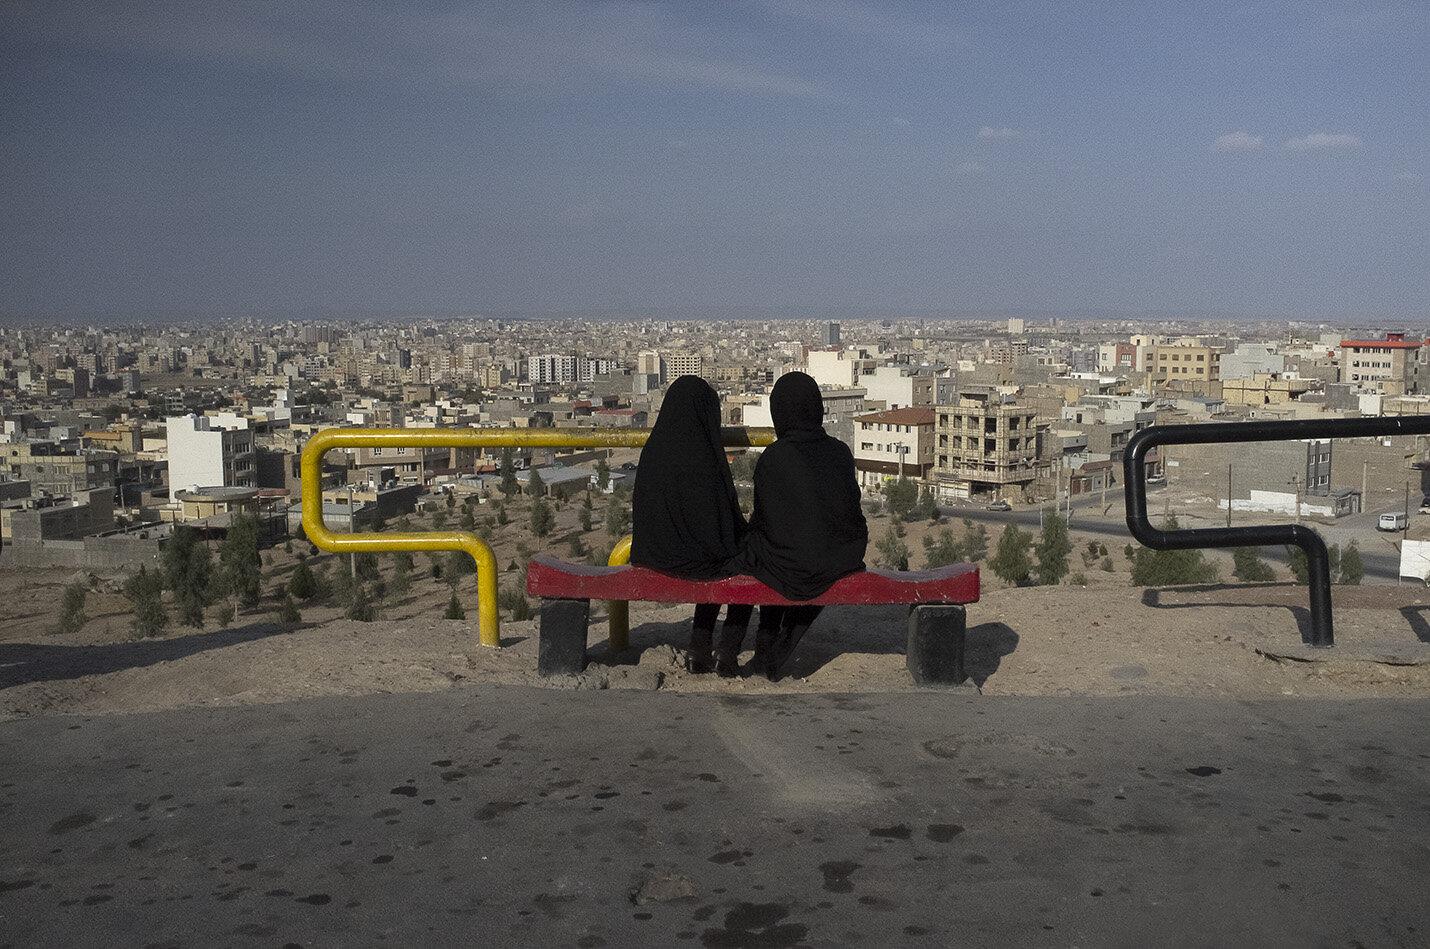 Mujeres en un mirador contemplando la ciudad de Qòm, Irán.